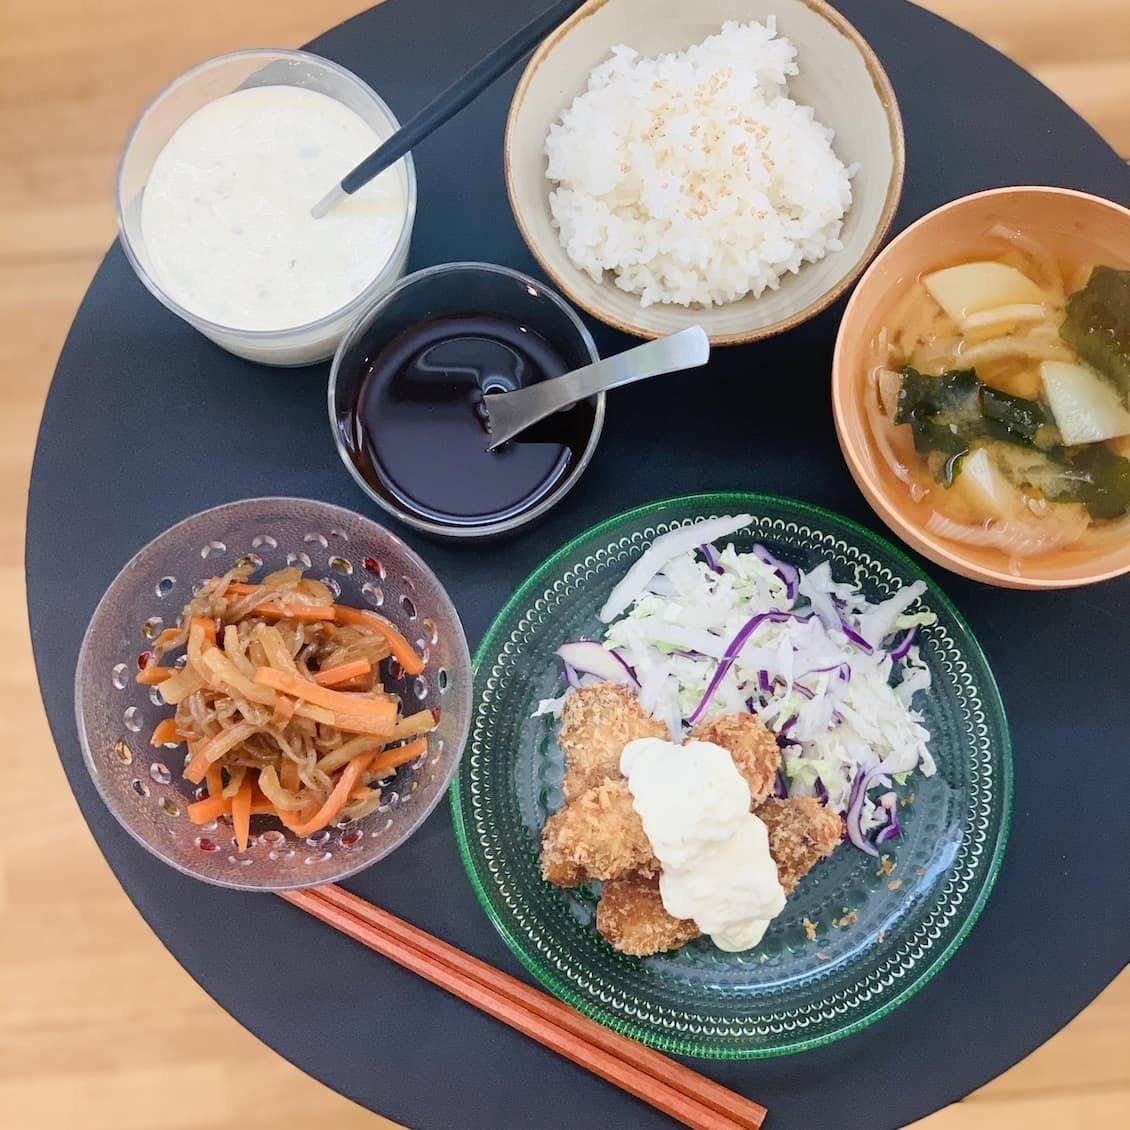 【クラシコムの社員食堂】旬の白菜は千切りにしてサラダに! カキフライのお昼ごはん